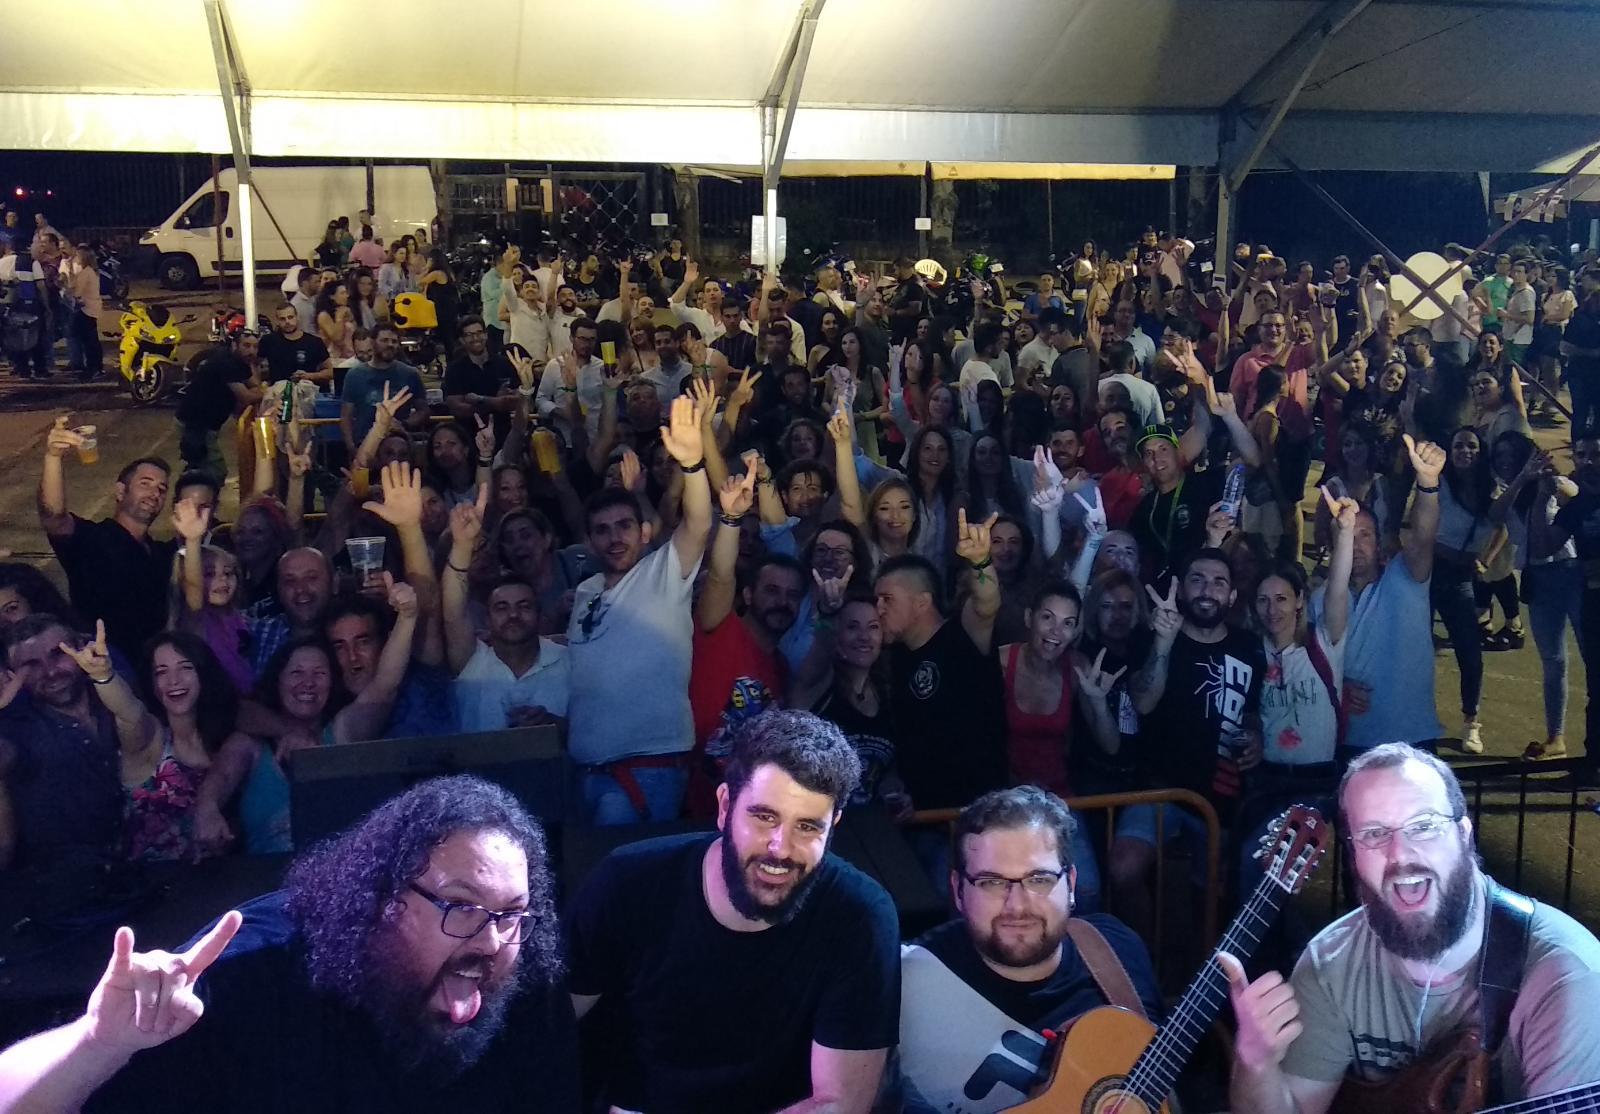 Extopa tributo a Estopa éxito en la concentración de motos de Villafranca de los Barros